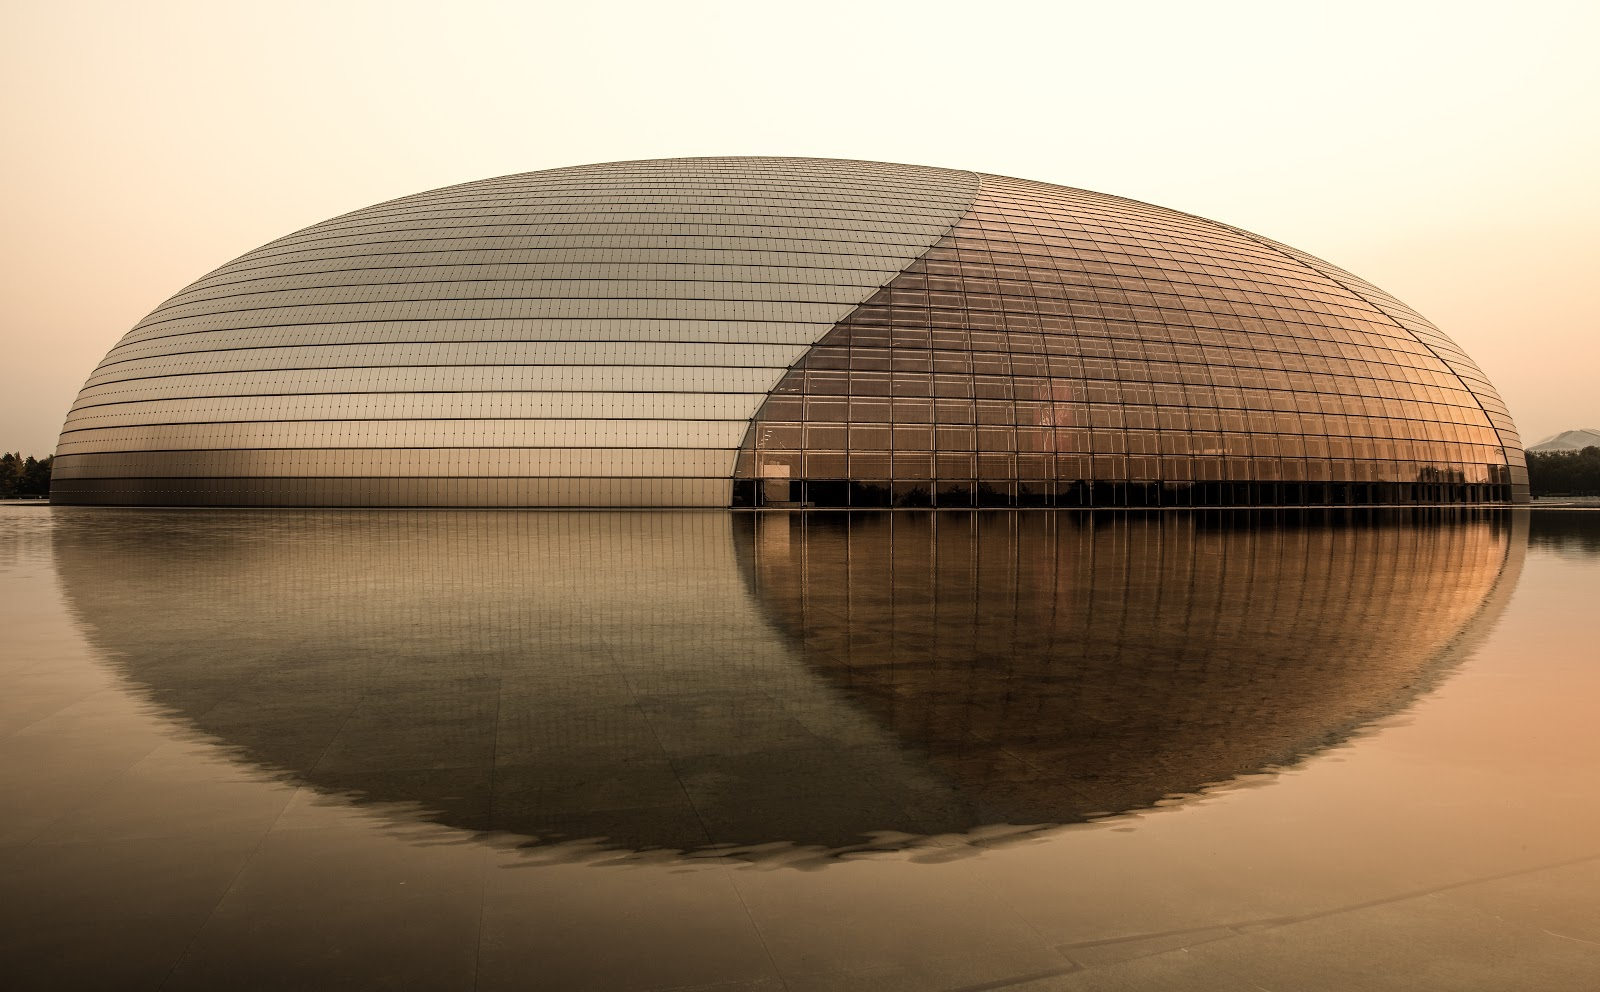 Стеклянный купол Национального театра в Пекине, покрытый пленкойдиоксида титана